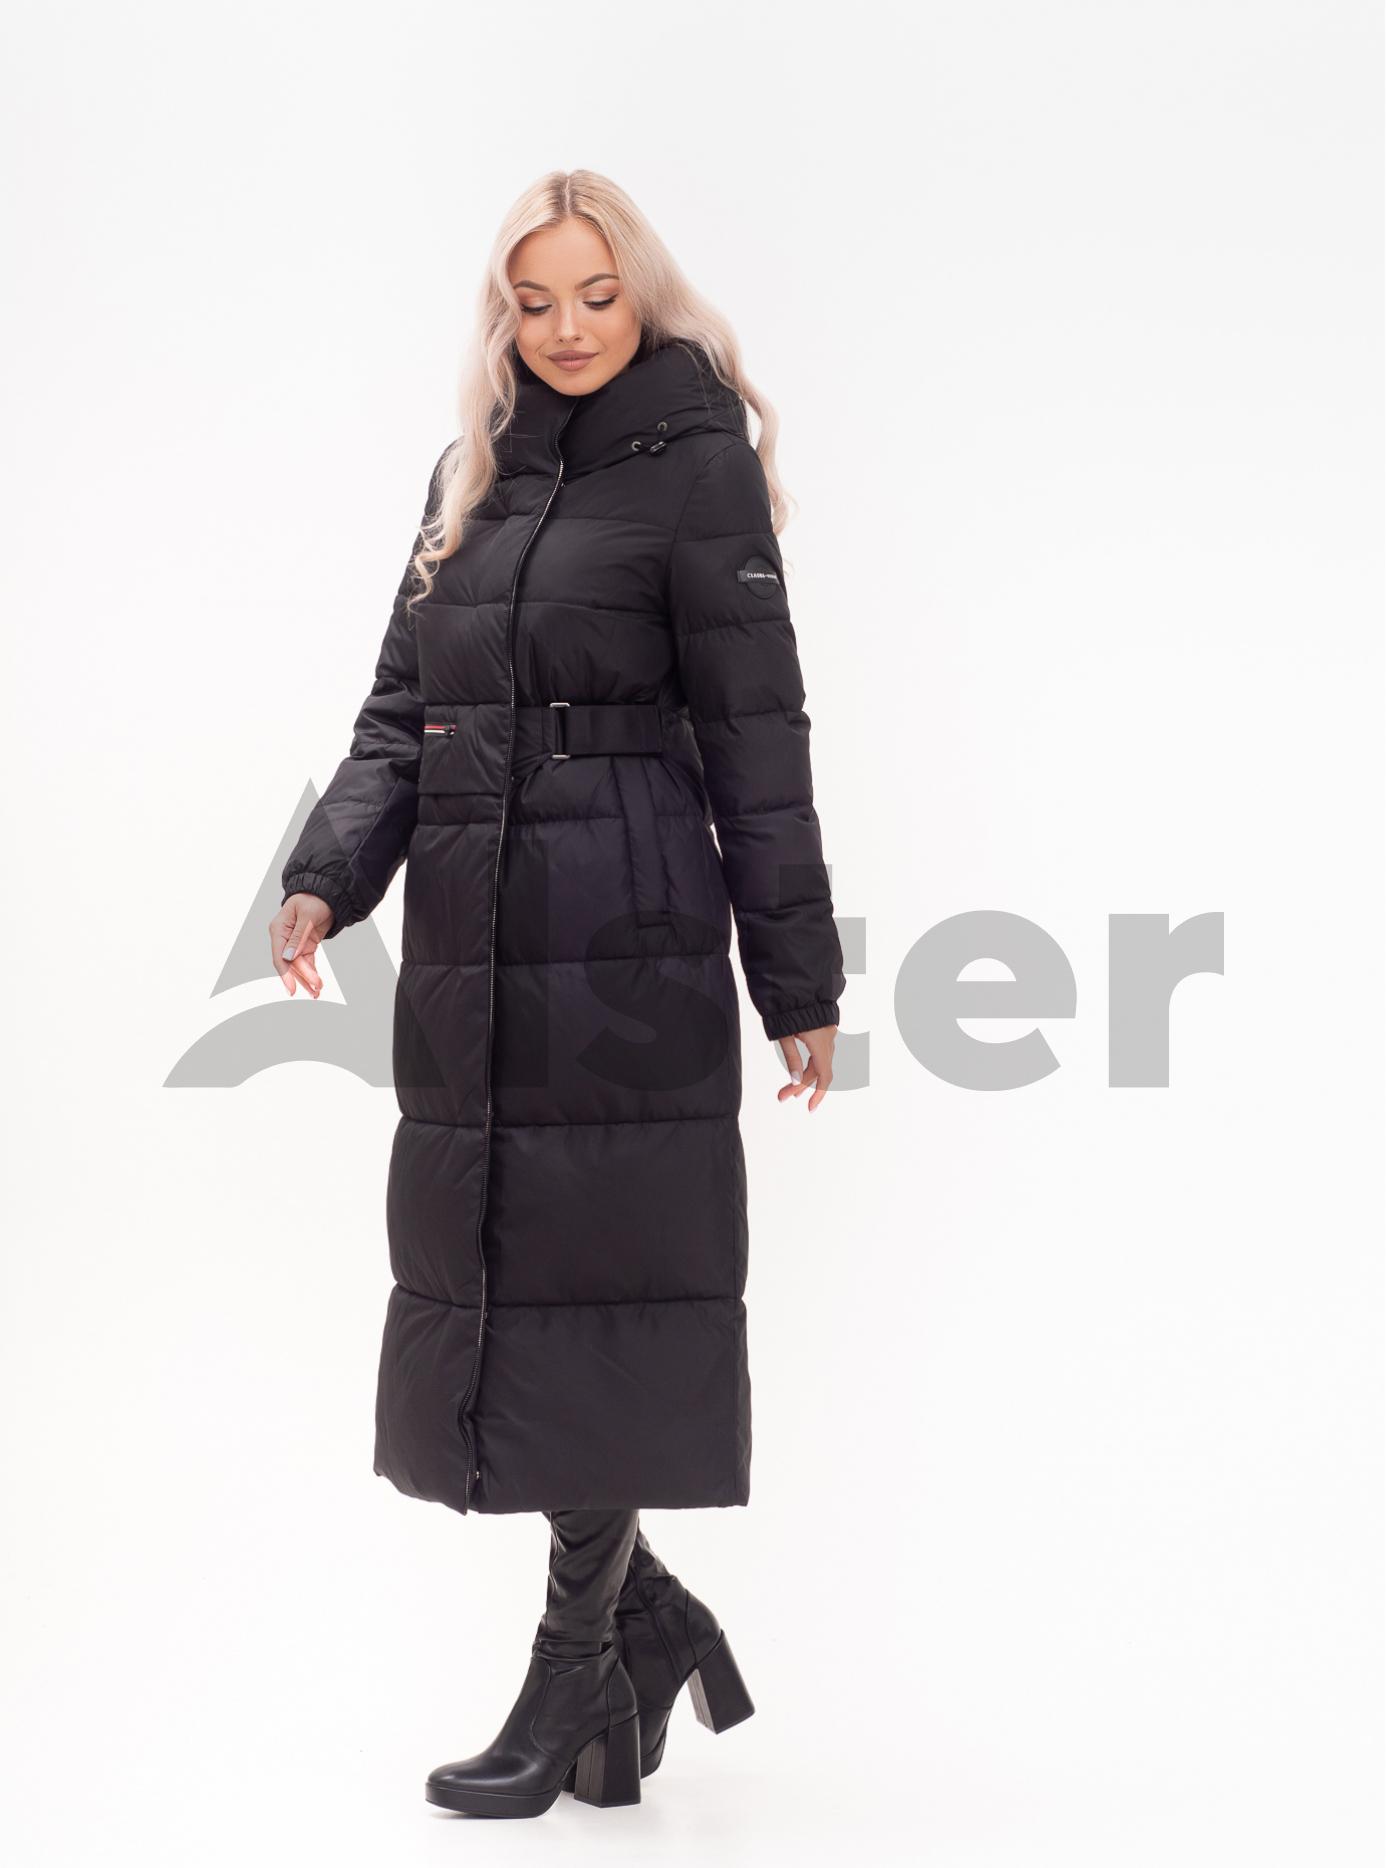 Куртка зимняя длинная приталенная Сливовый S (01-N200599): фото - Alster.ua